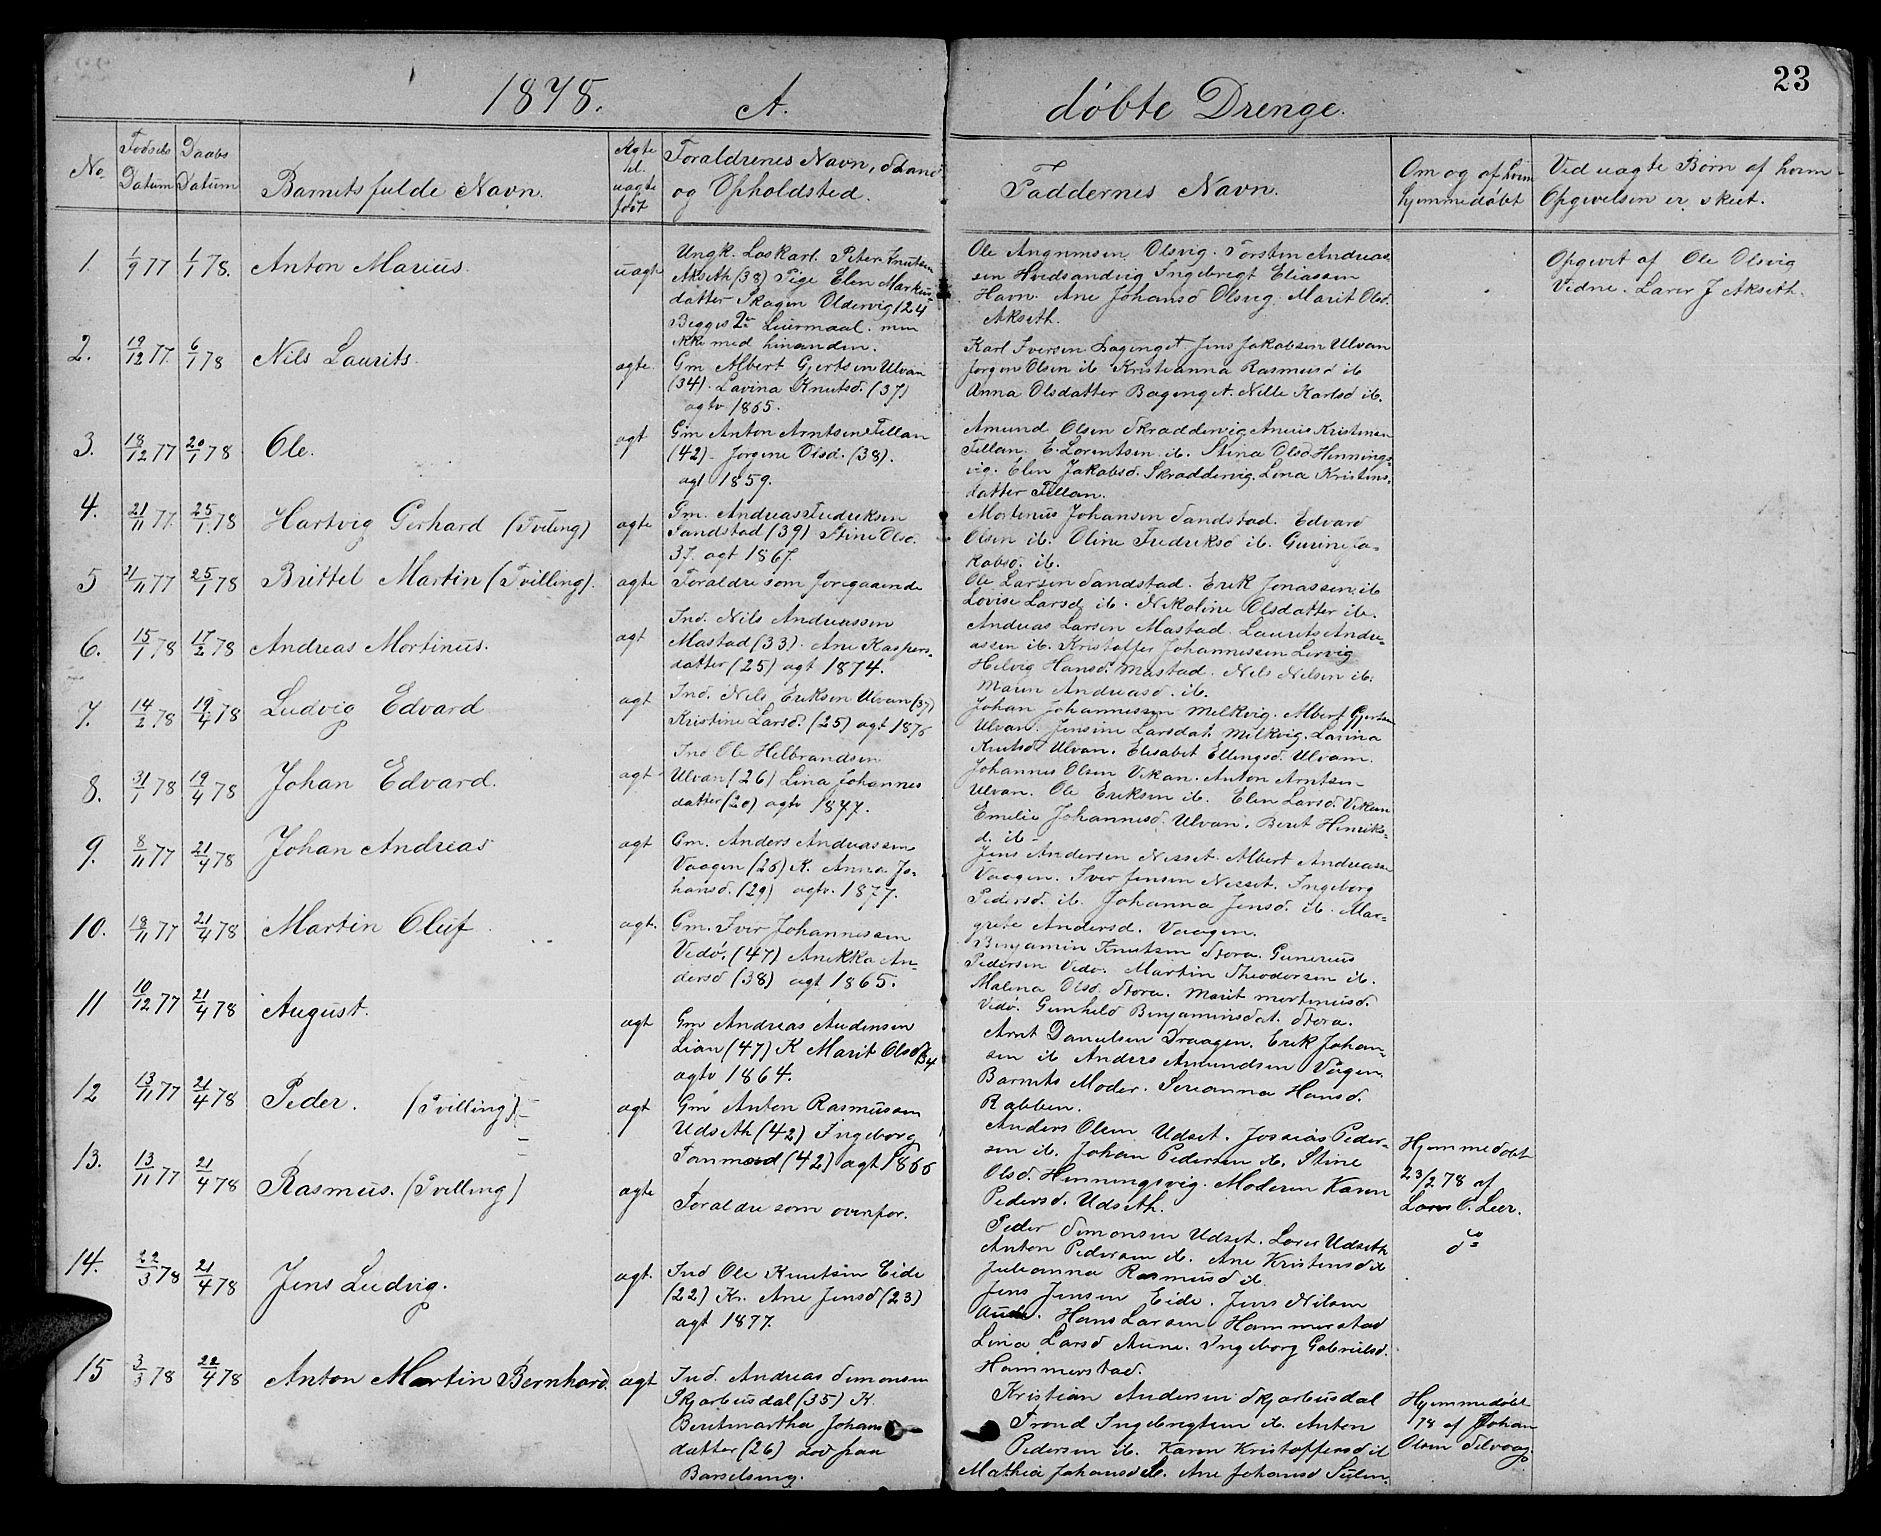 SAT, Ministerialprotokoller, klokkerbøker og fødselsregistre - Sør-Trøndelag, 637/L0561: Klokkerbok nr. 637C02, 1873-1882, s. 23